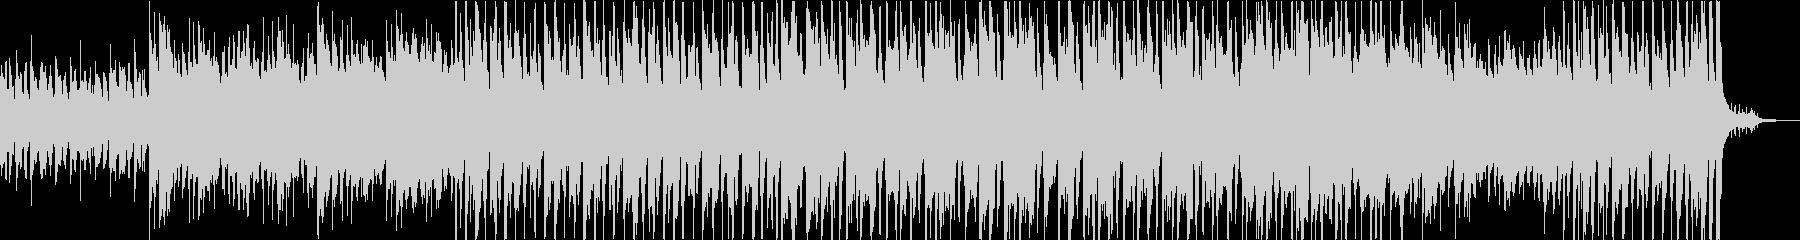 ピアノが中心の明るいポップスの未再生の波形